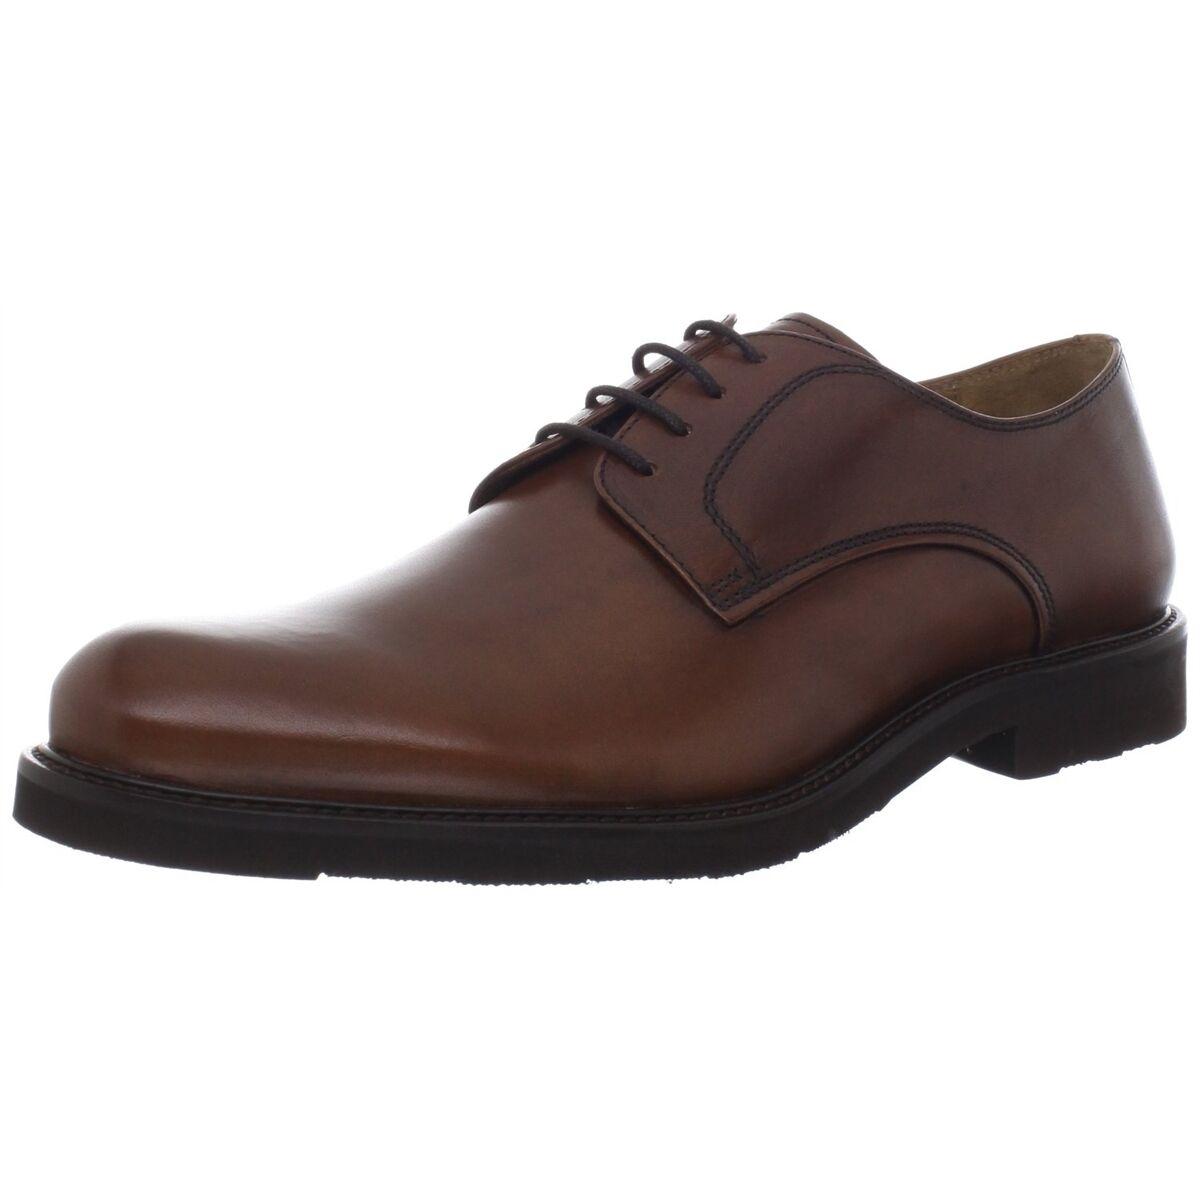 sconti e altro Florsheim Florsheim Florsheim Uomo Dress Formal scarpe Gallo Plain Toe Oxford scarpe Cognac  presentando tutte le ultime tendenze della moda